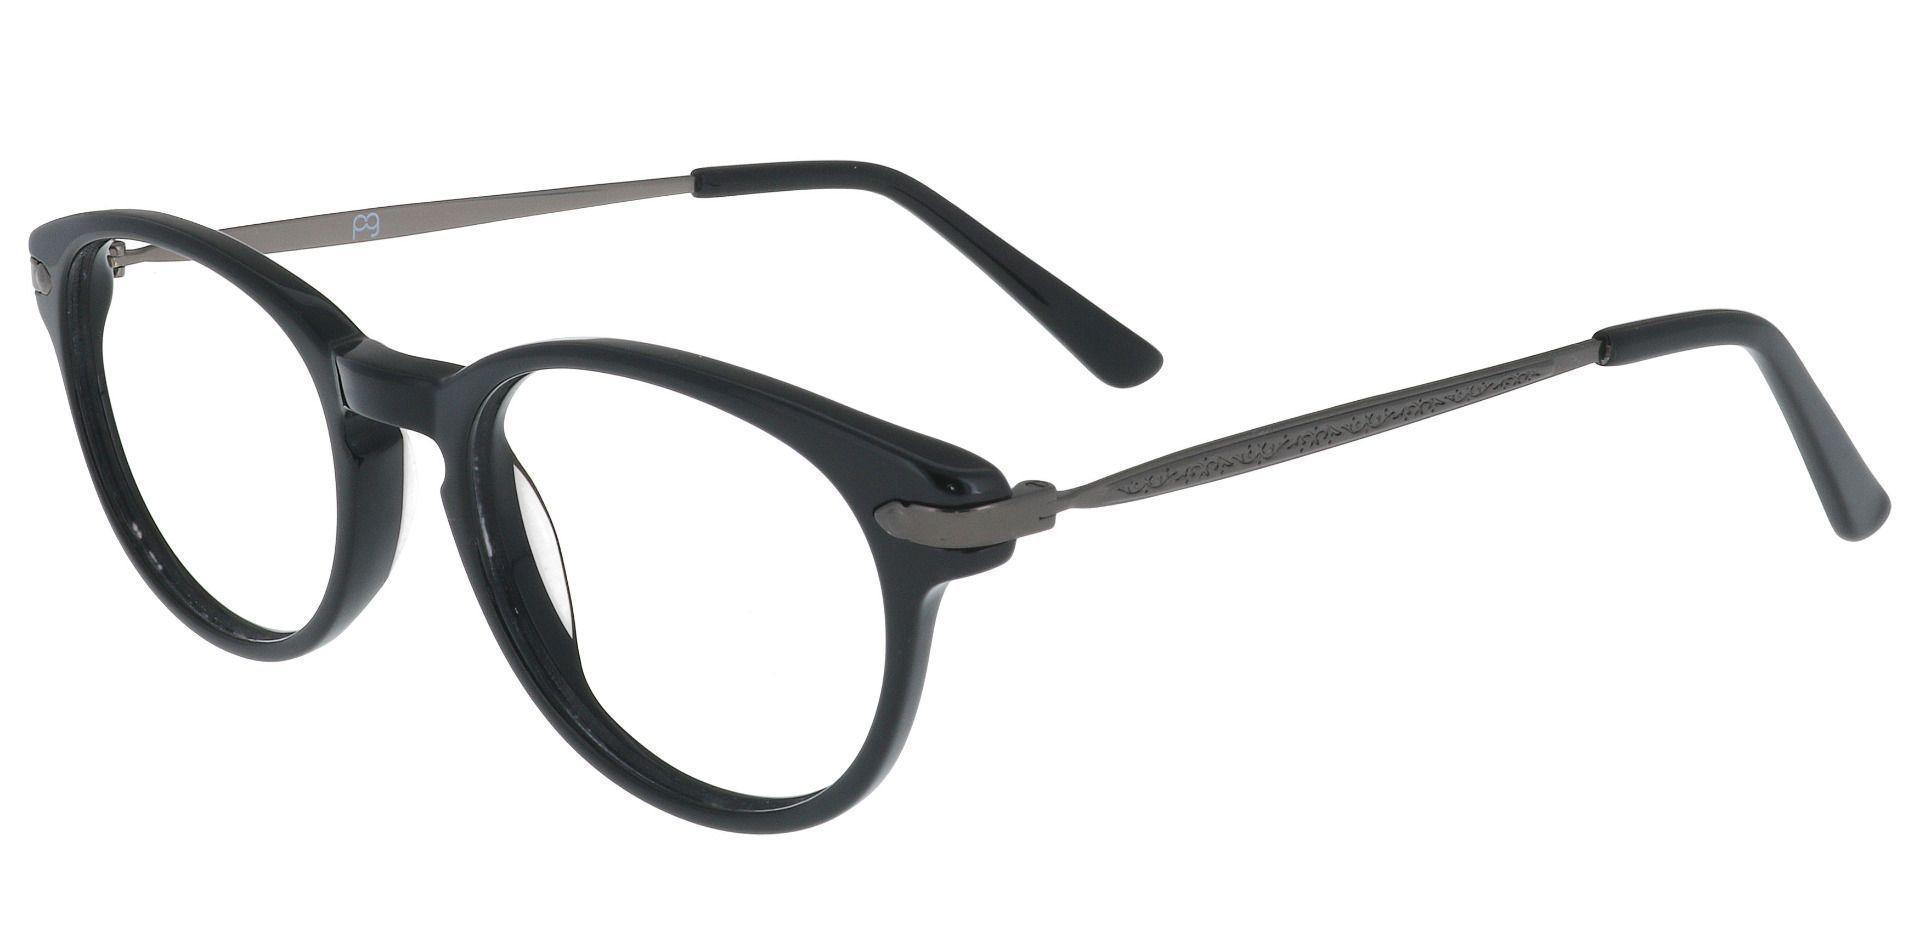 Trudy Oval Prescription Glasses - Black